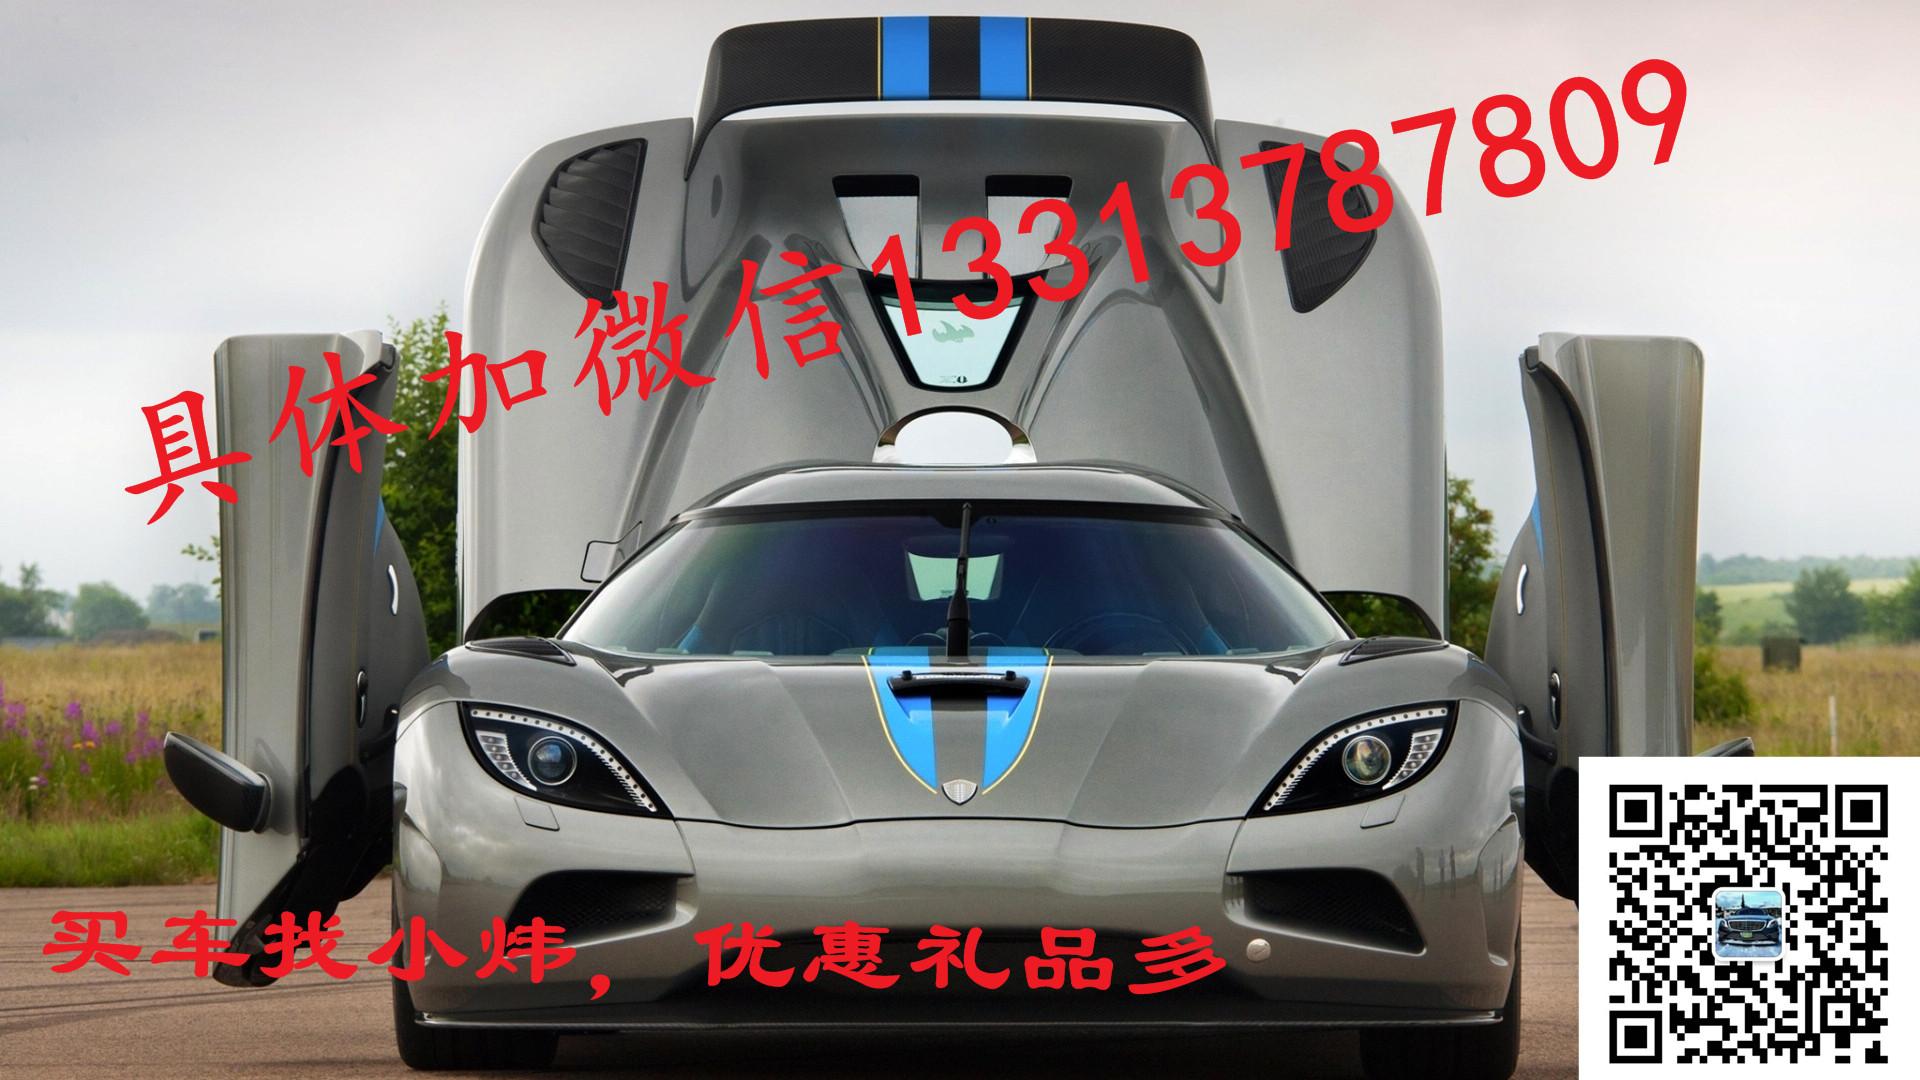 毕节喜相逢开走吧购车底盘重要还是发动机重要为什么北京车子这么便宜